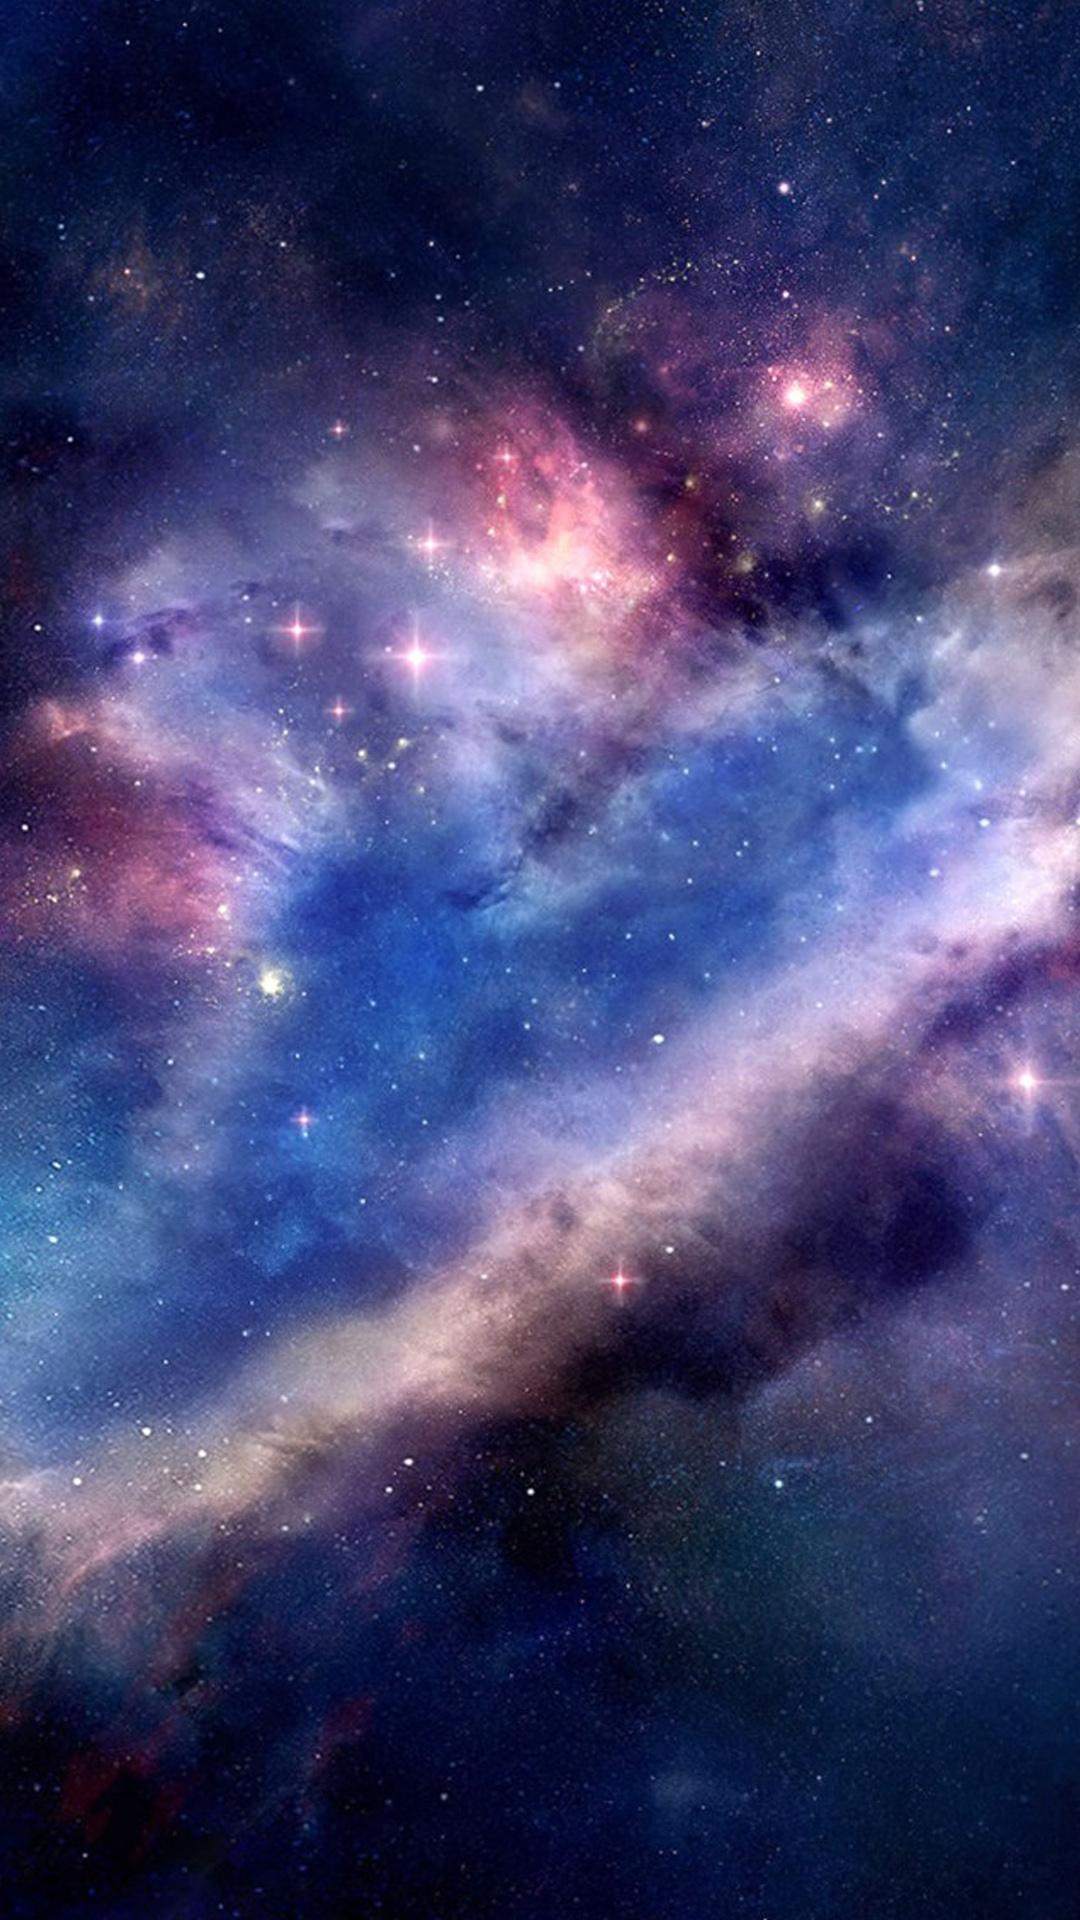 wallpaper for galaxy s5 - wallpapersafari